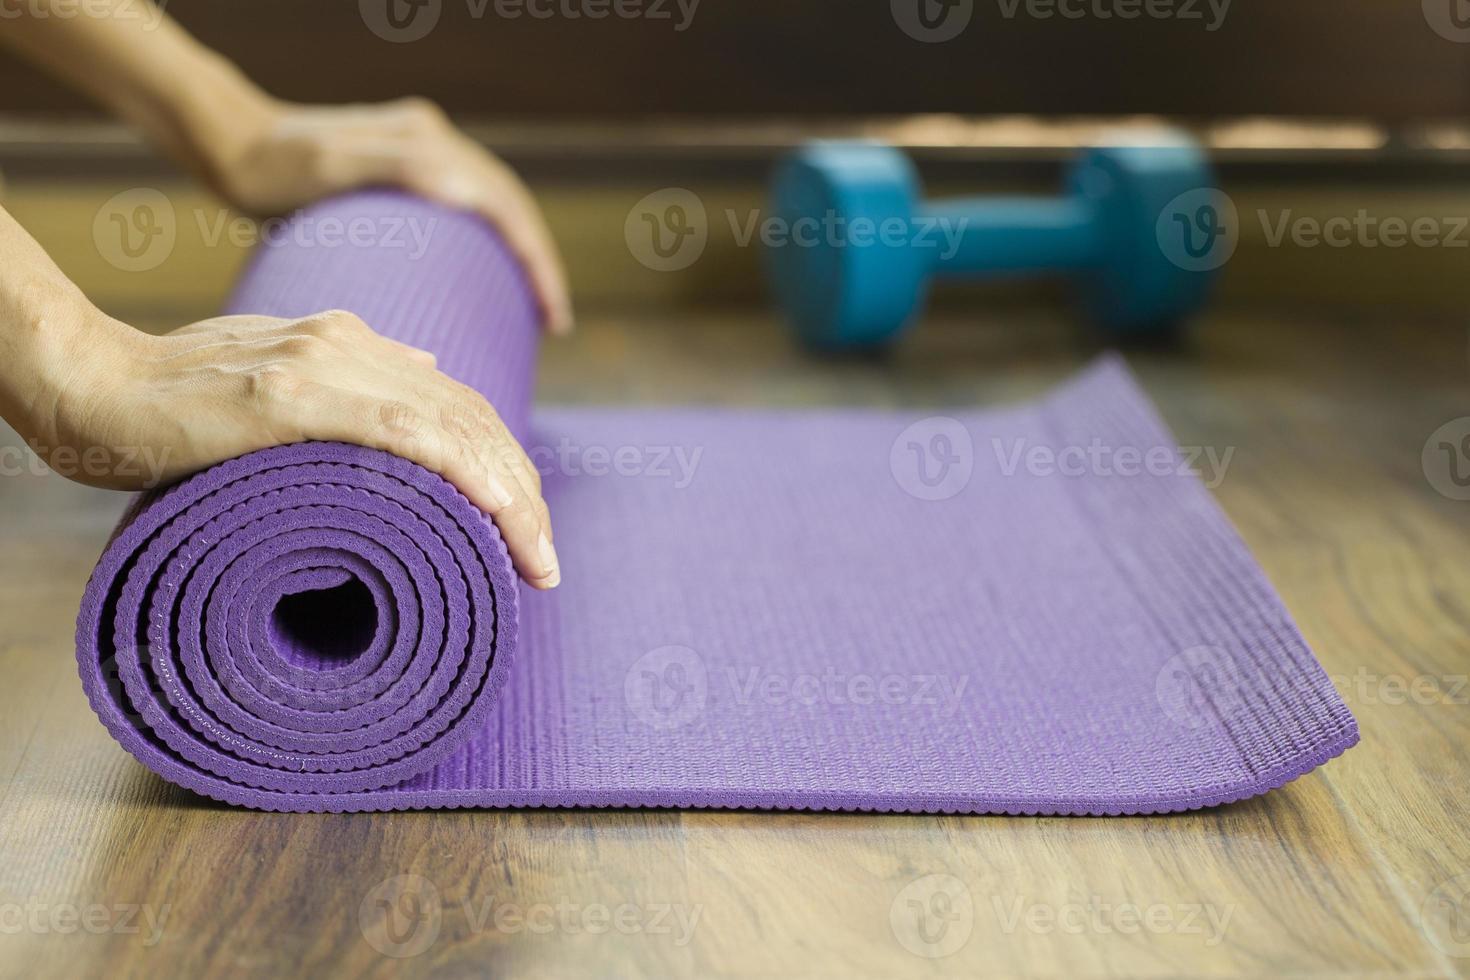 mãos rolando tapete de ioga roxo com haltere azul atrás foto